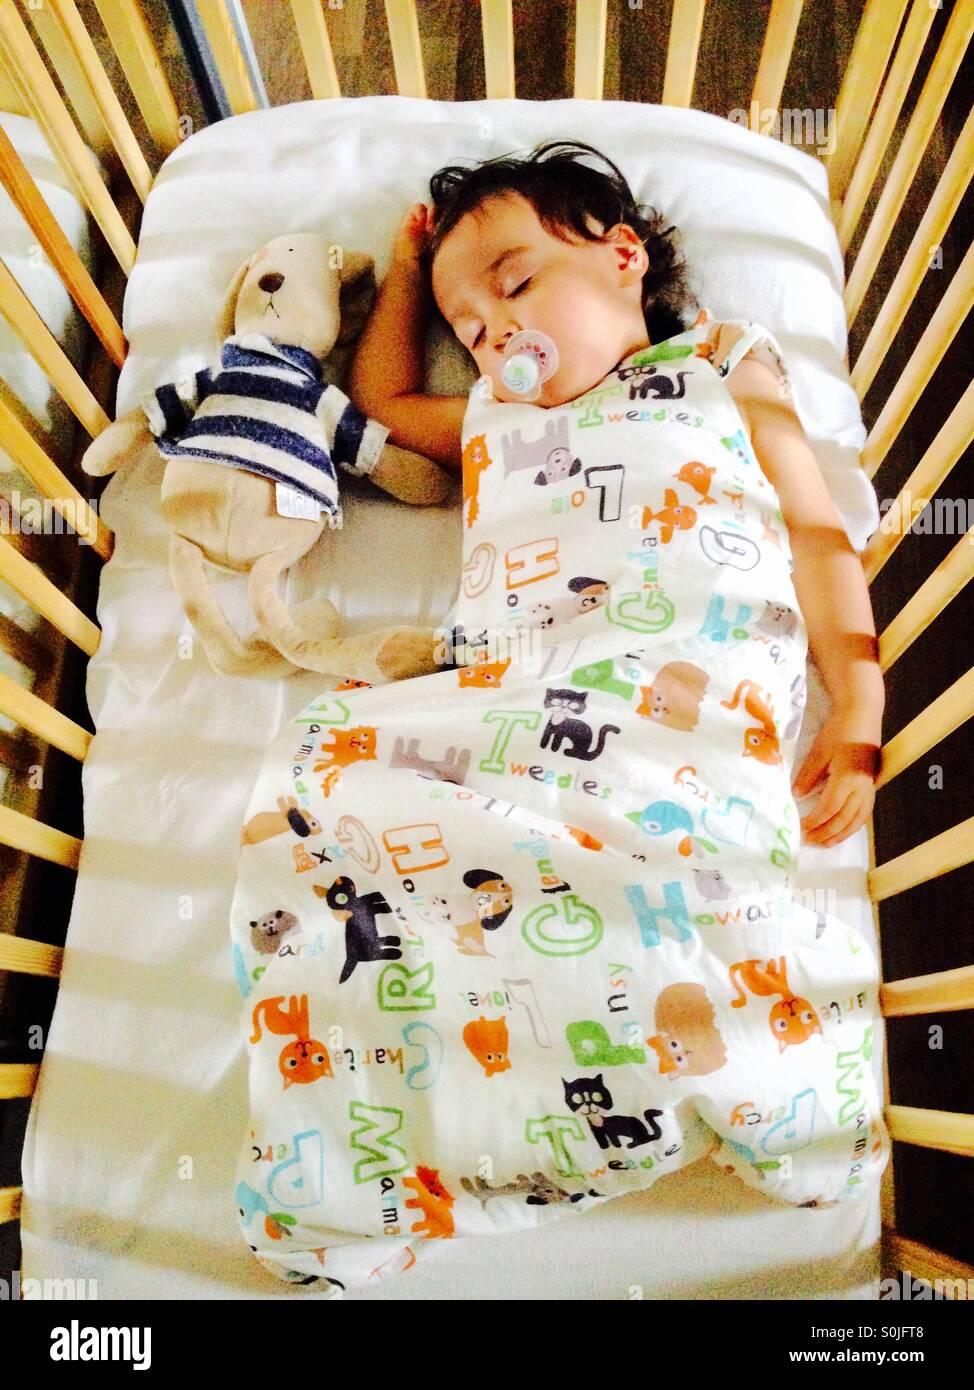 Sleeping Toddler - Stock Image